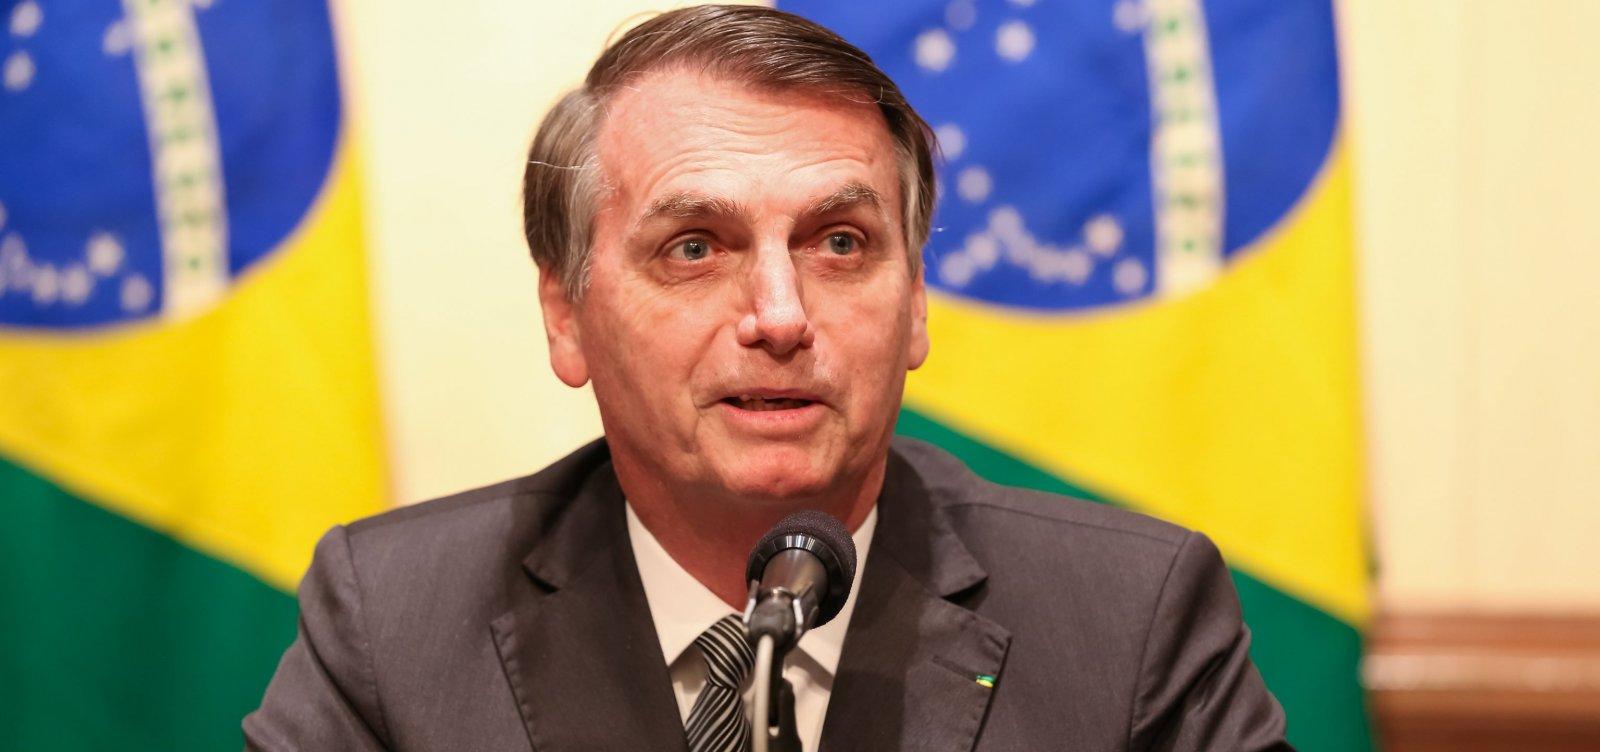 Bolsonaro diz que trabalhadores querem 'menos direito e mais emprego'